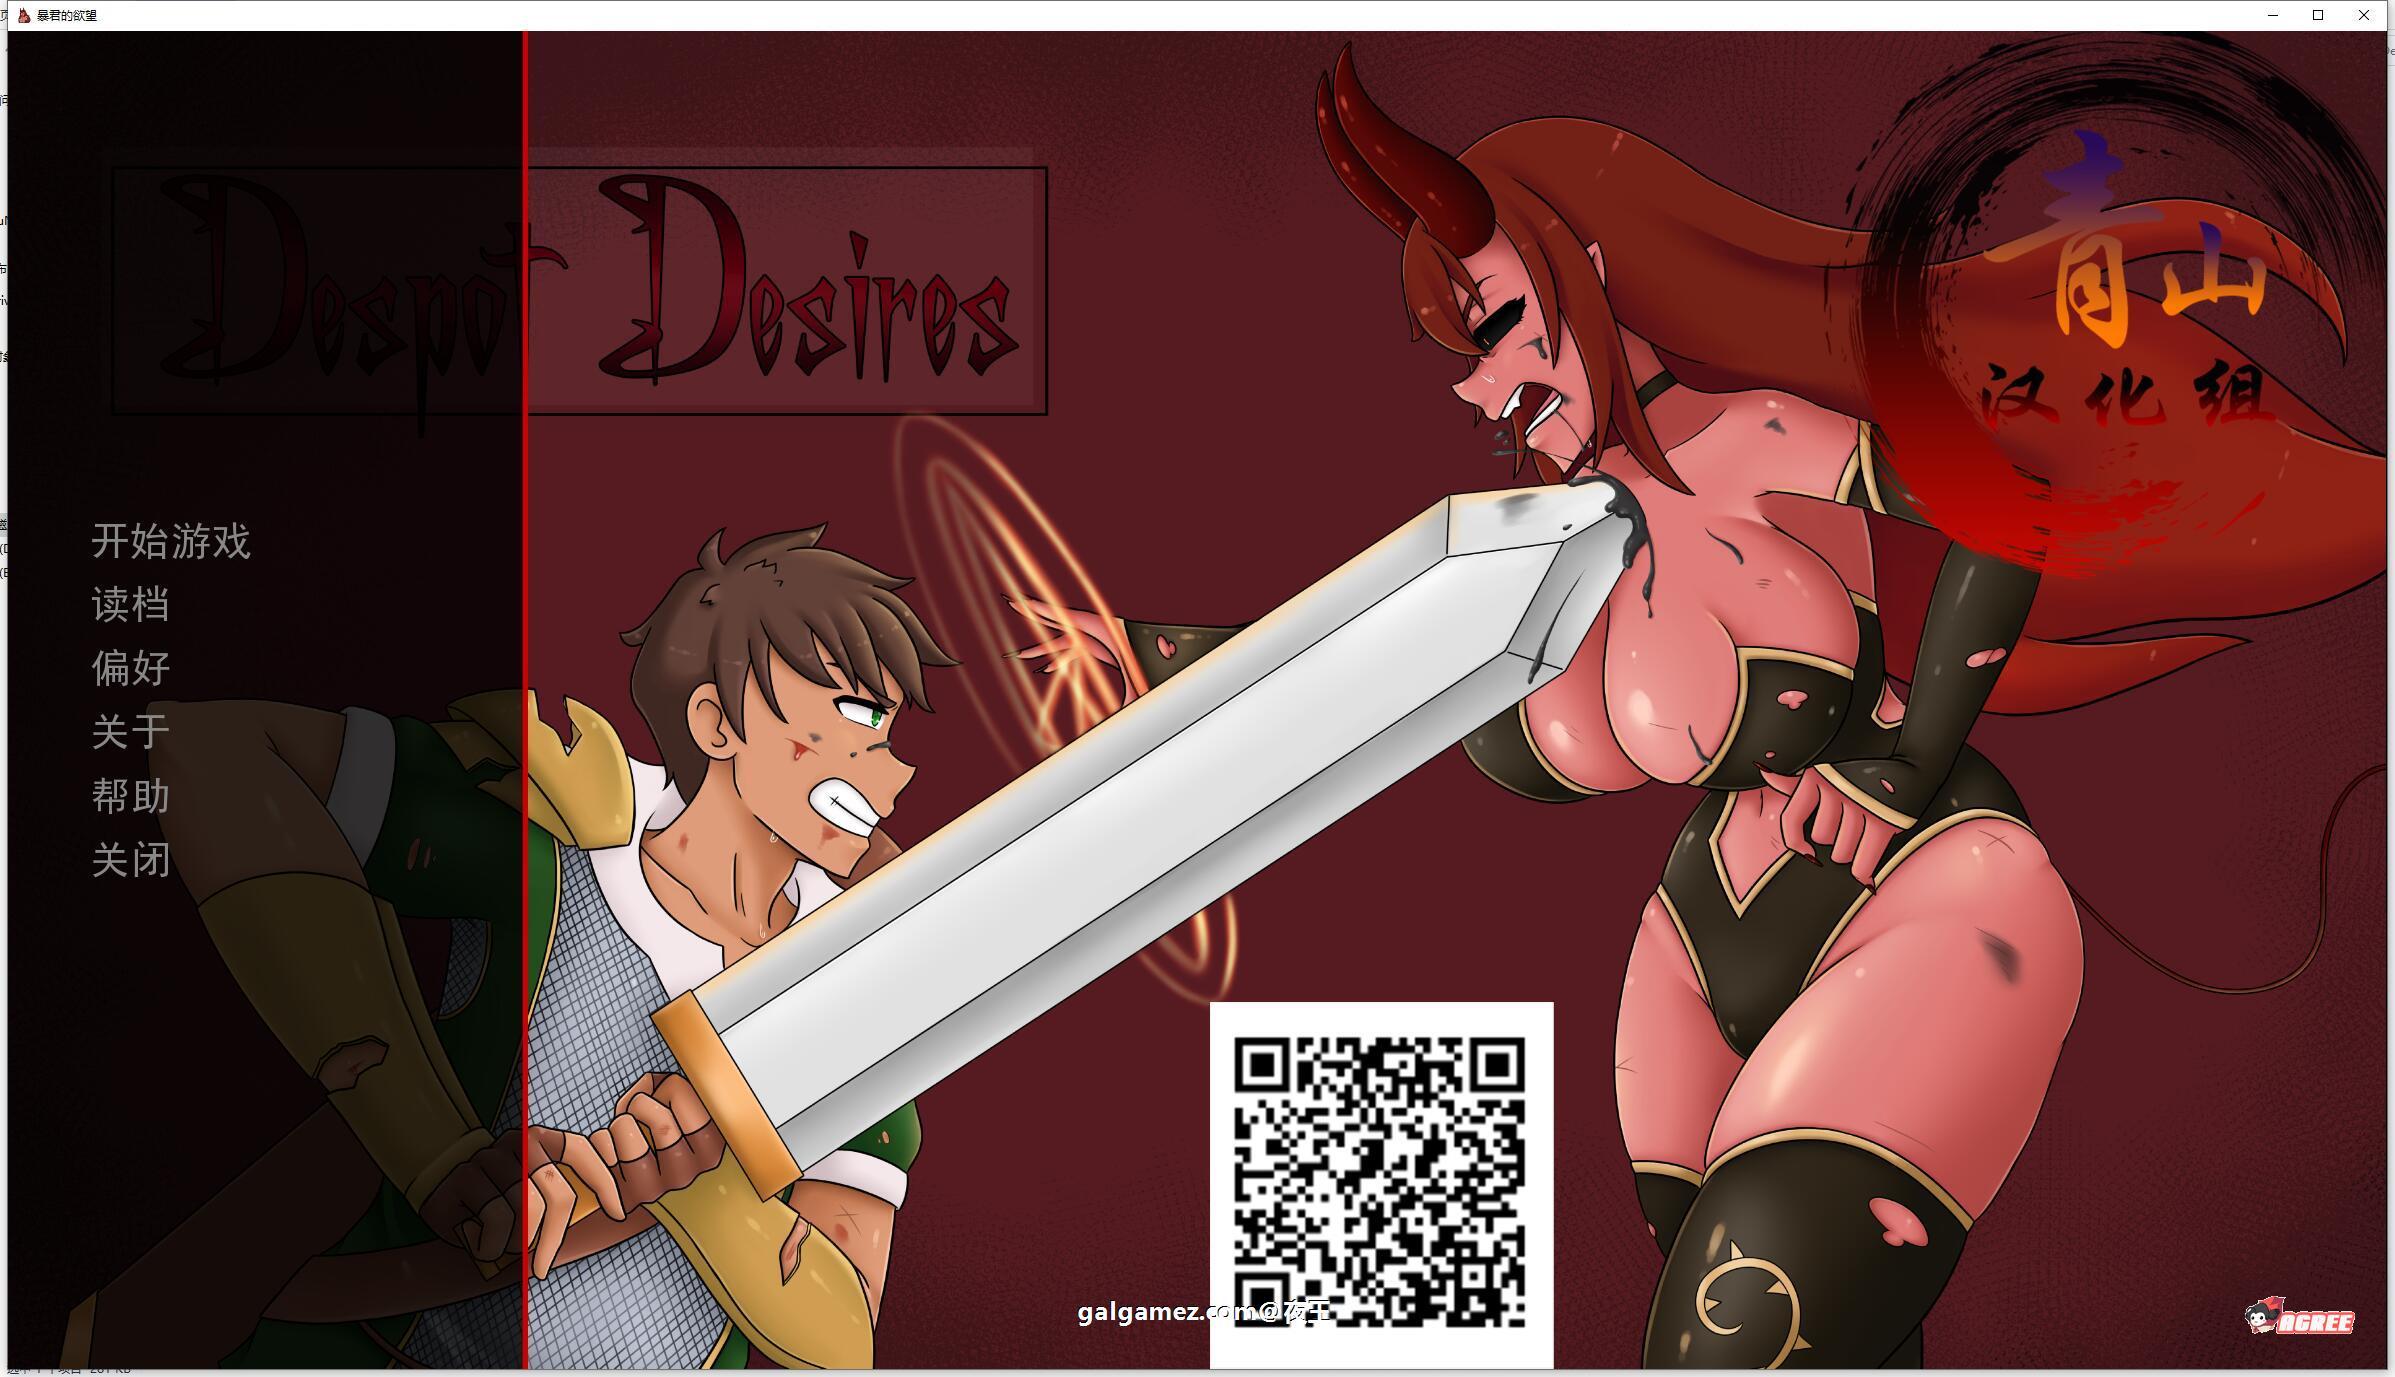 [沙盒养成/汉化/2D] 被圈养的女魔王 Despot Desires V0.23 PC+安卓精翻汉化版+CG [FM/百度/OD][2.3G]